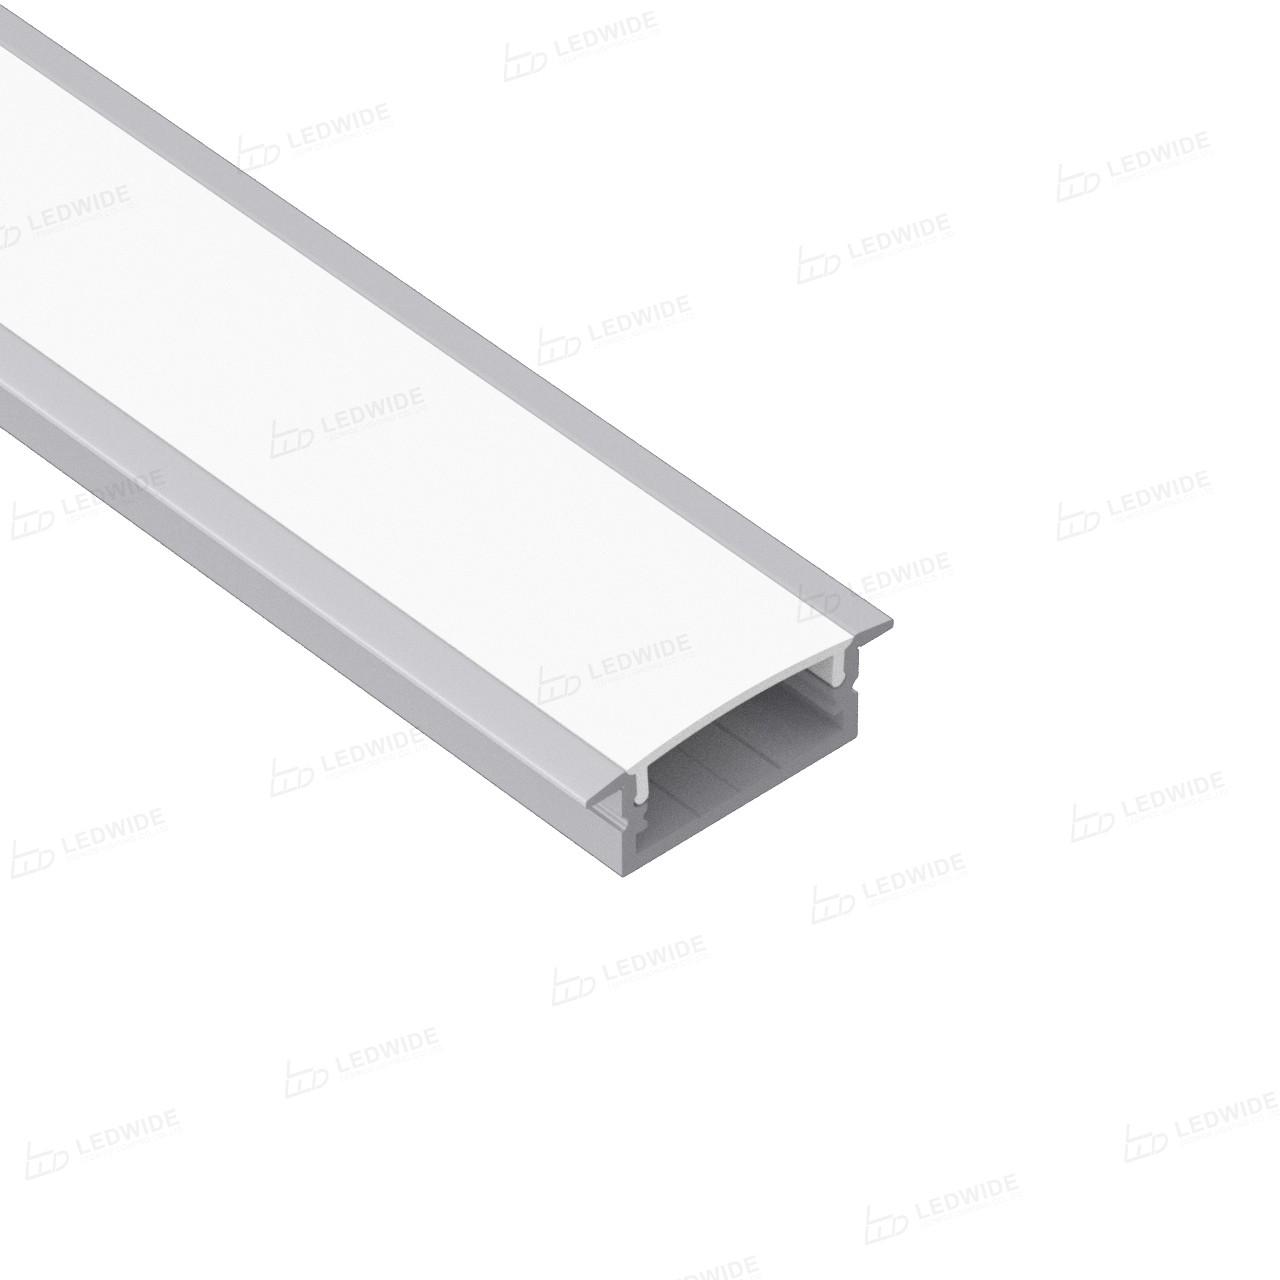 Køb AR3 rabat aluminiumsprofil og diffusor med